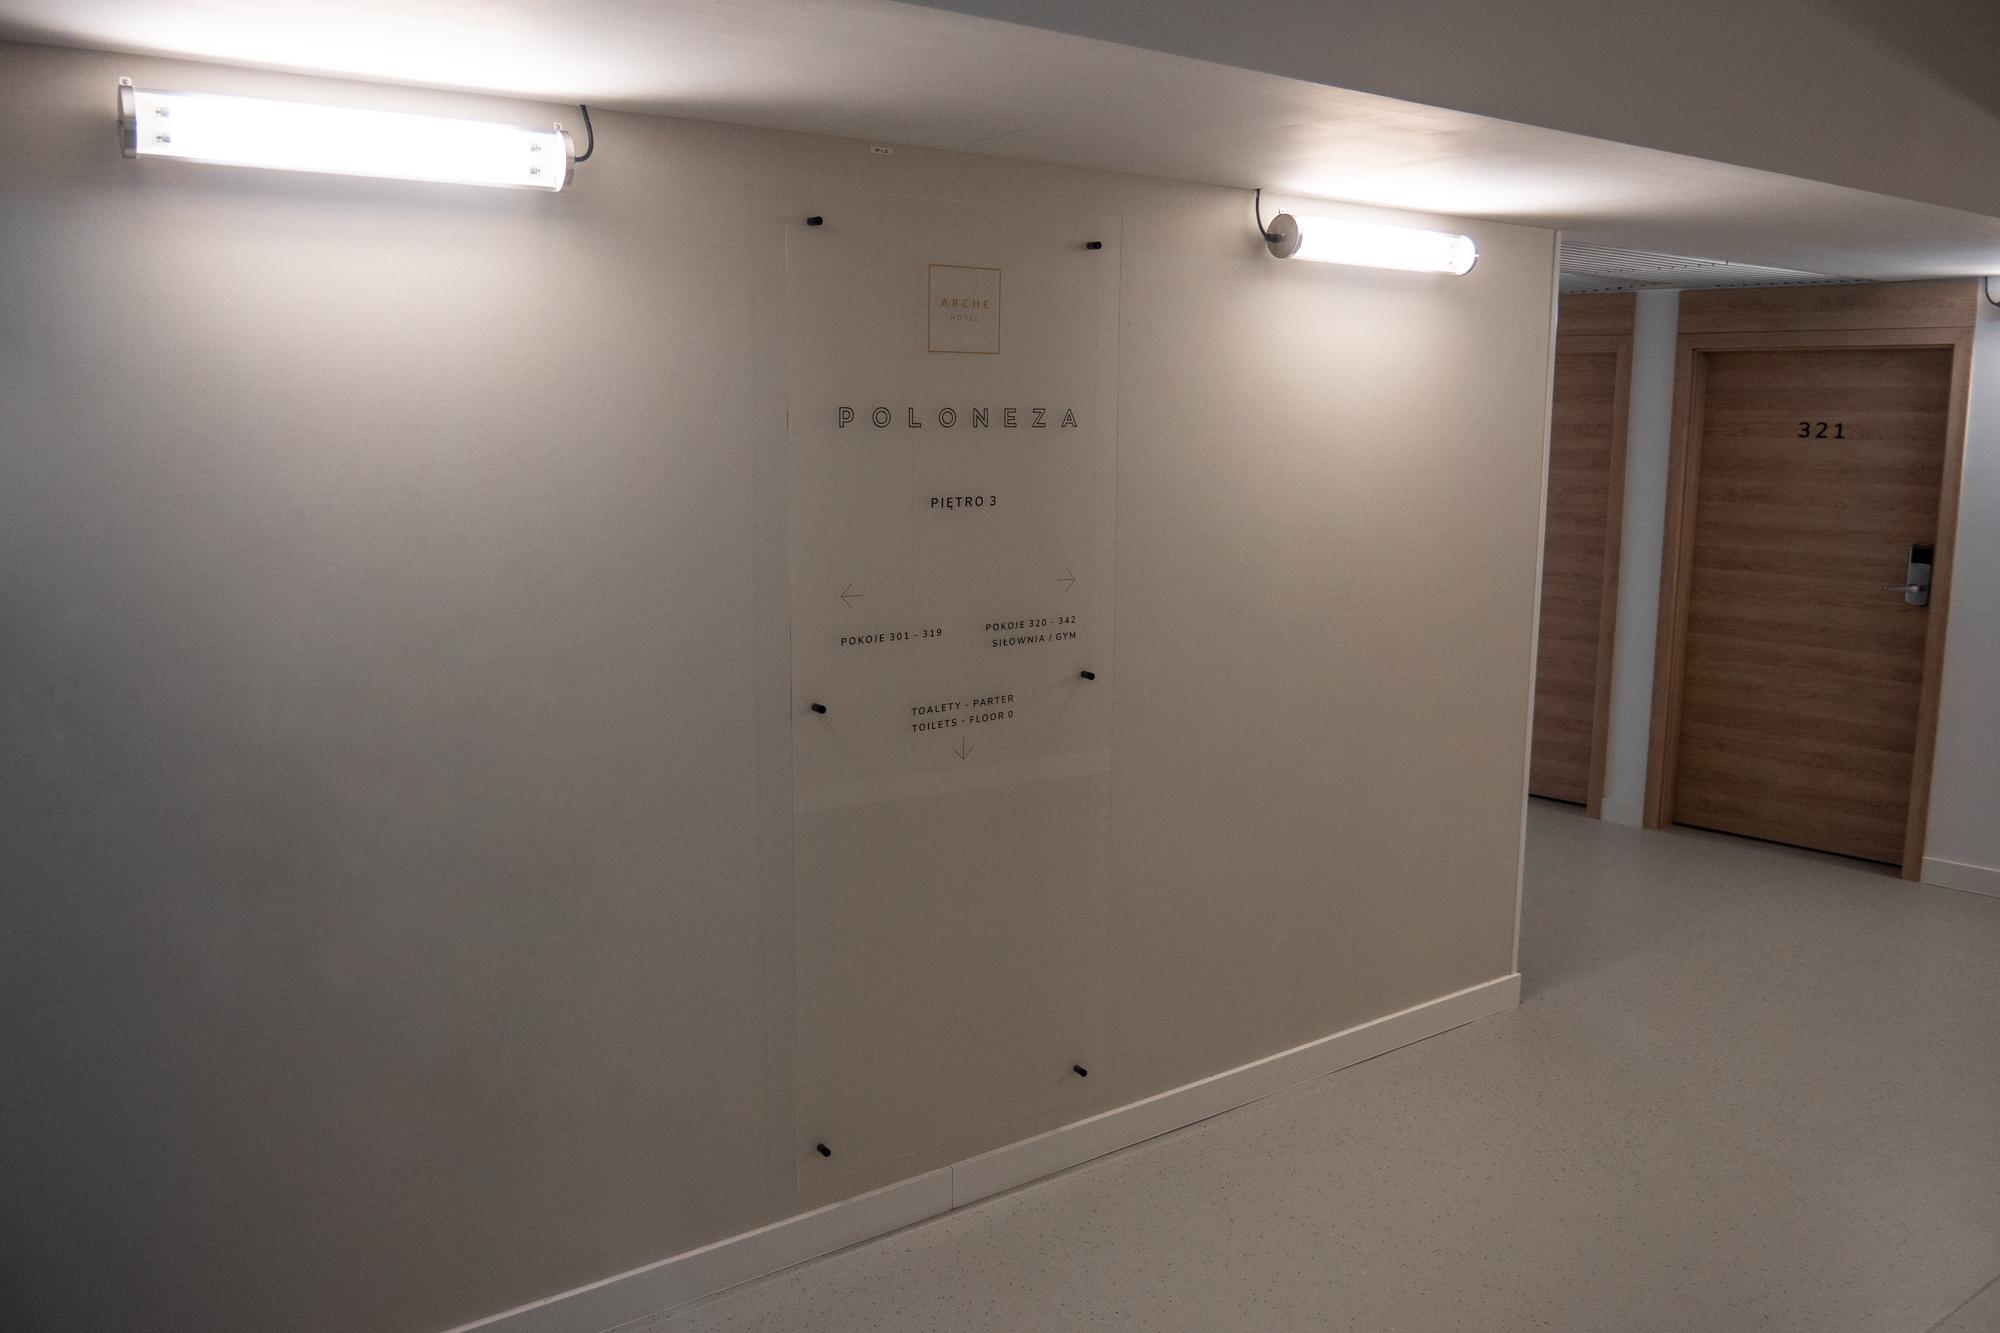 Tablica piętrowa z płyty Plexi przeklejona folią monotwana na dystansach